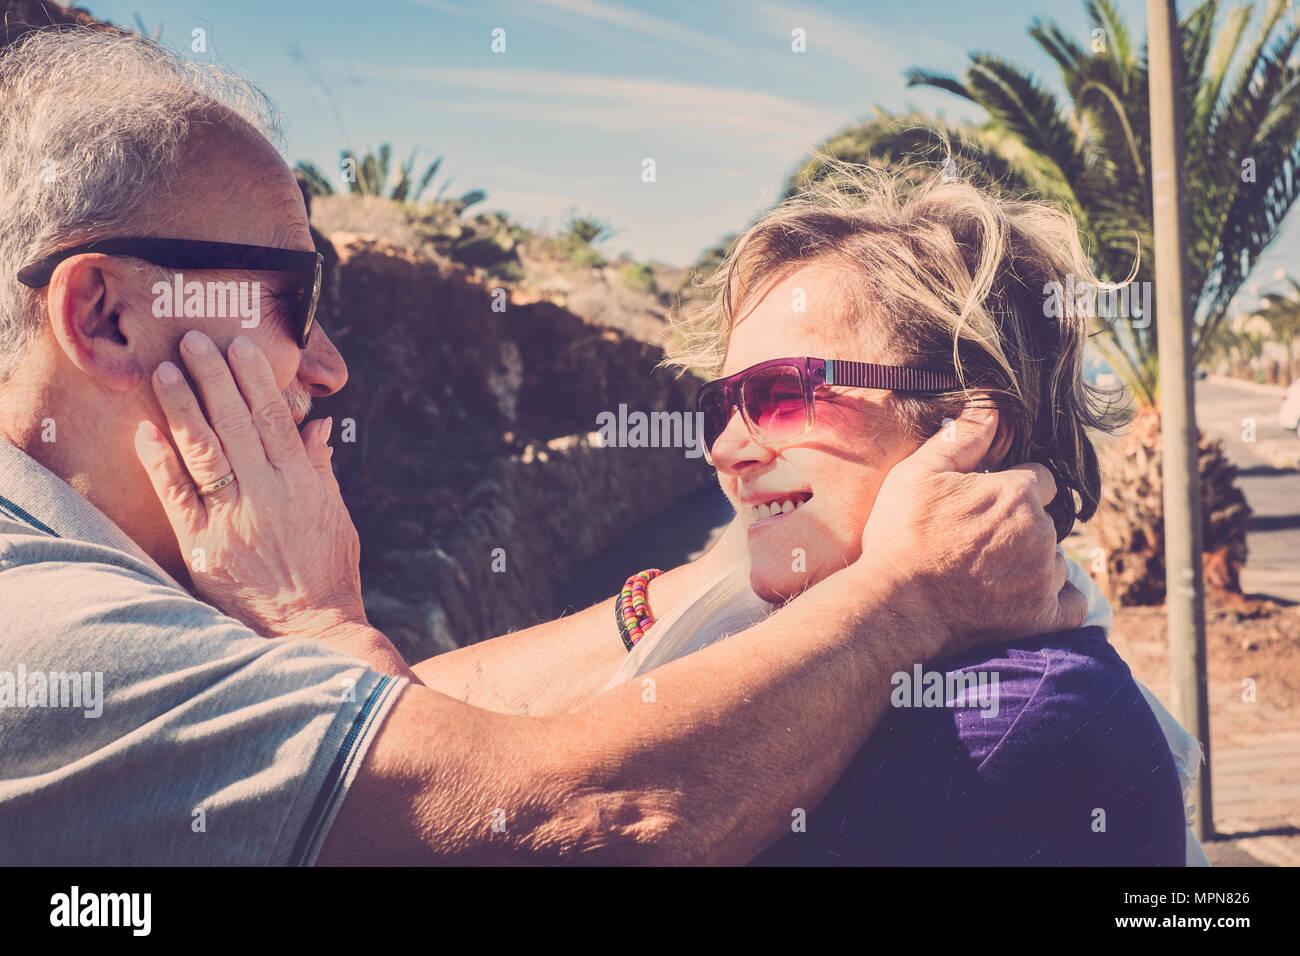 Coppia di anziani con i capelli bianchi, coccole e abbracci ogni altro all'aria aperta sotto il sole di Tenerife Immagini Stock